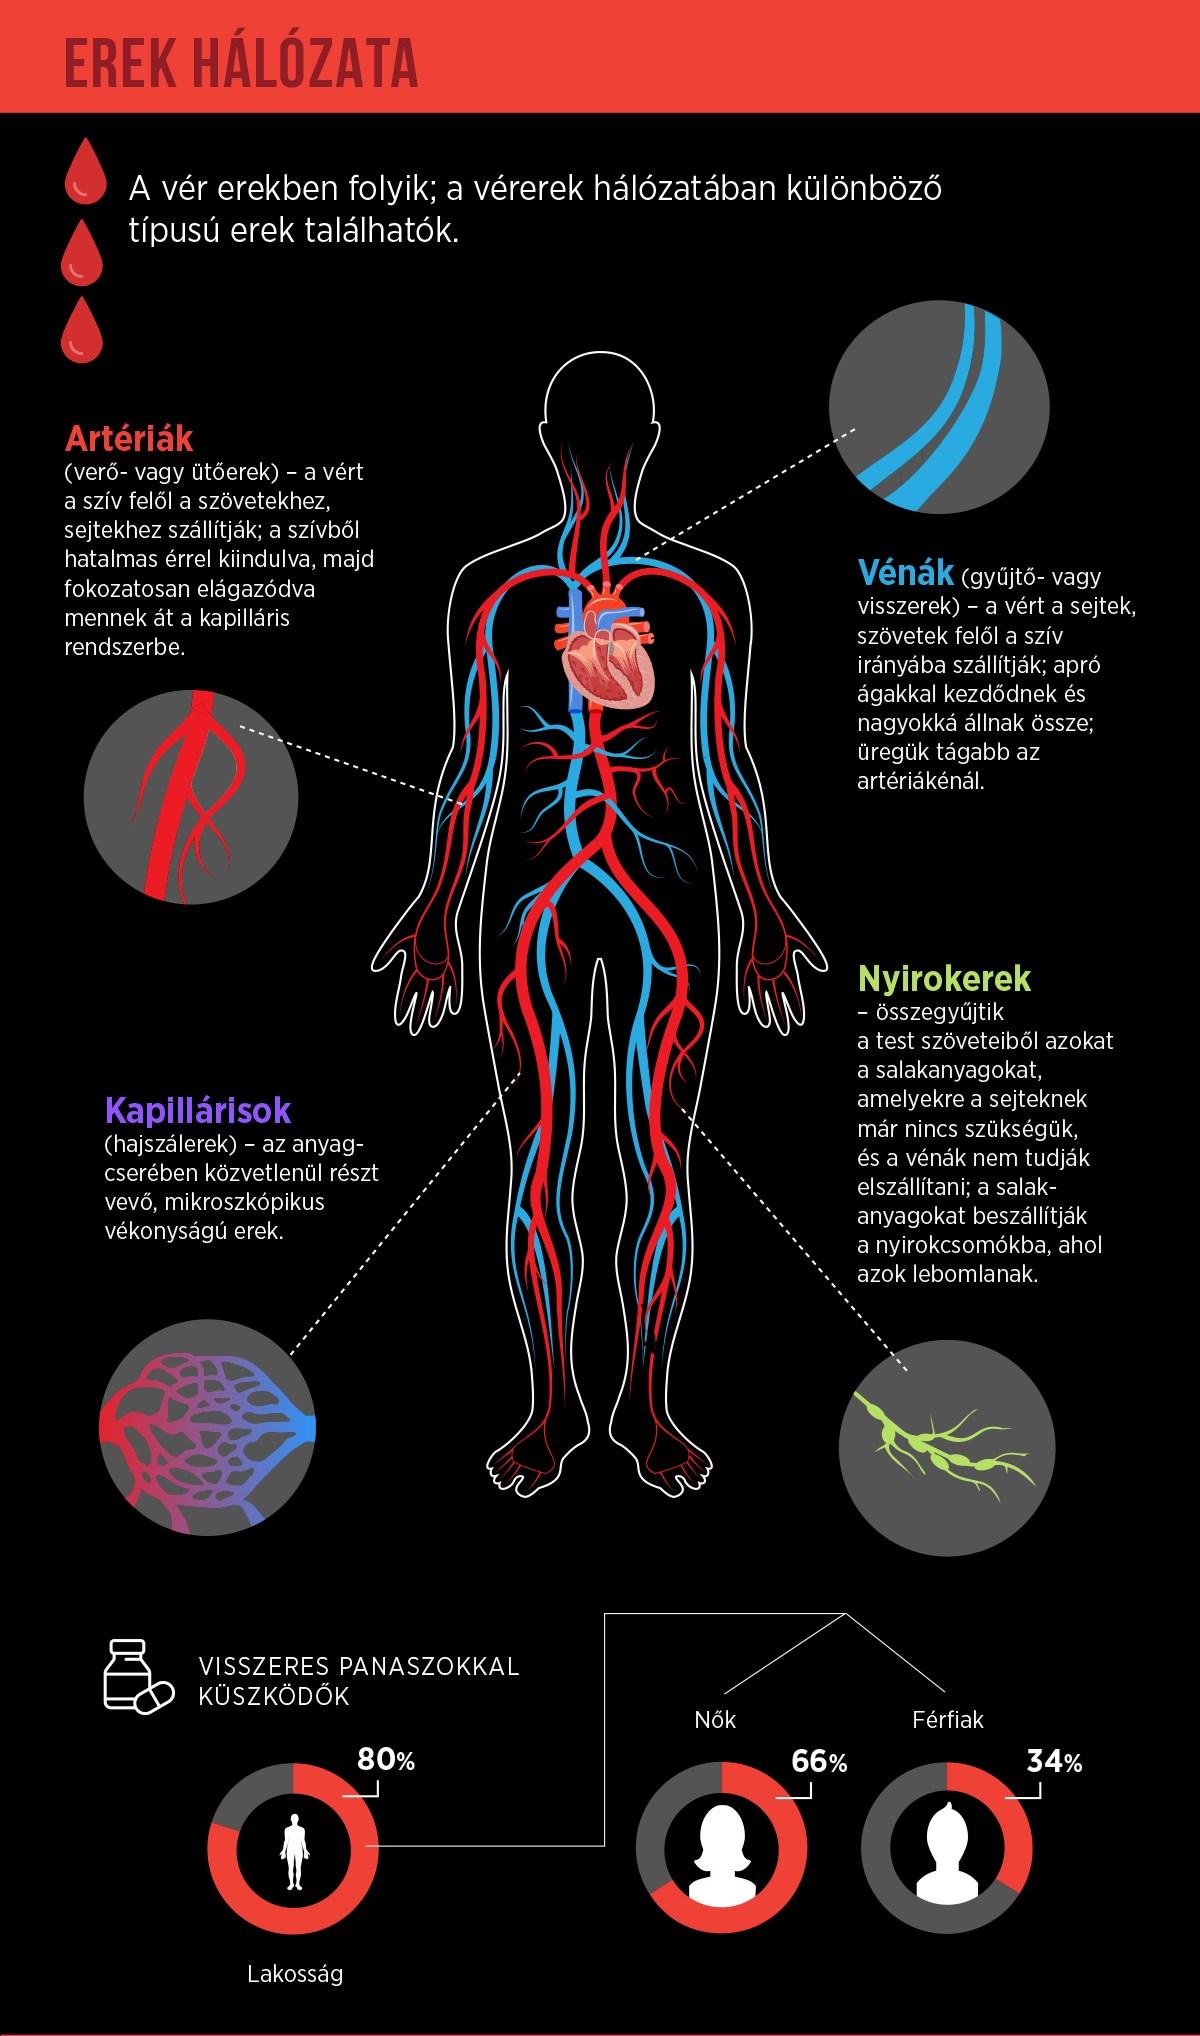 a varikózisos vénák nagysága